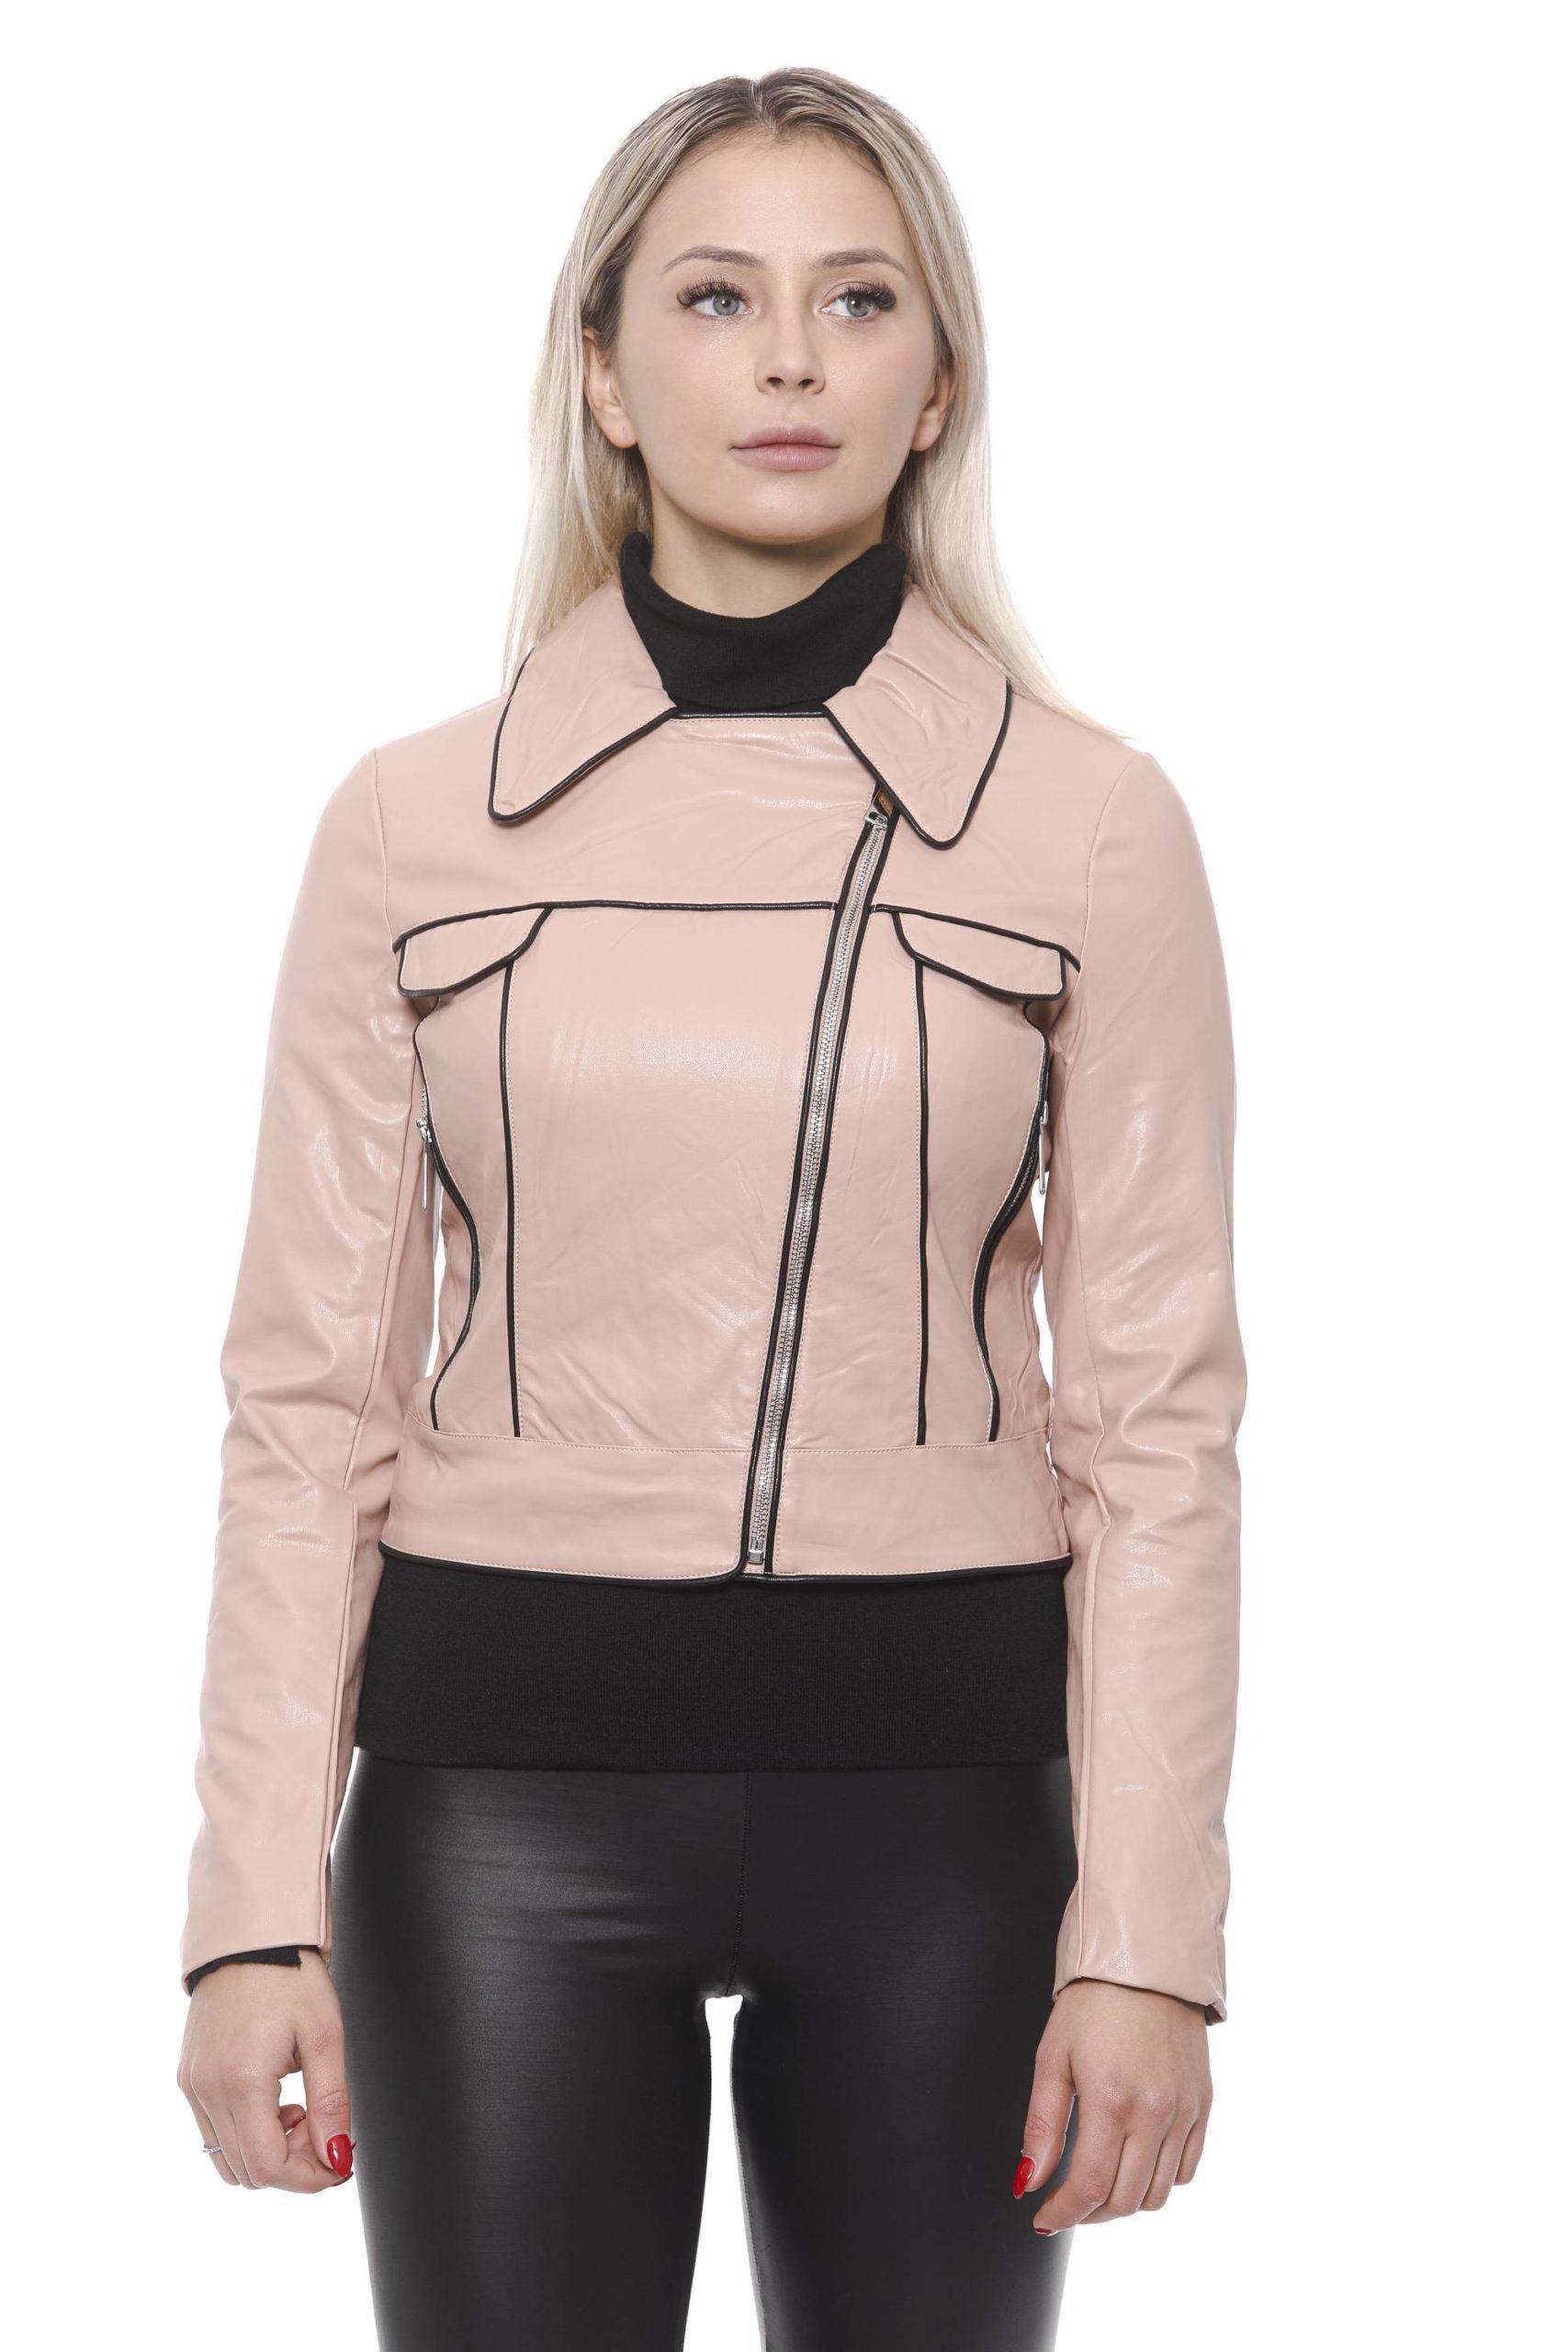 19V69 Italia Women's Rosa Jacket Pink 191388416 - IT42 | S